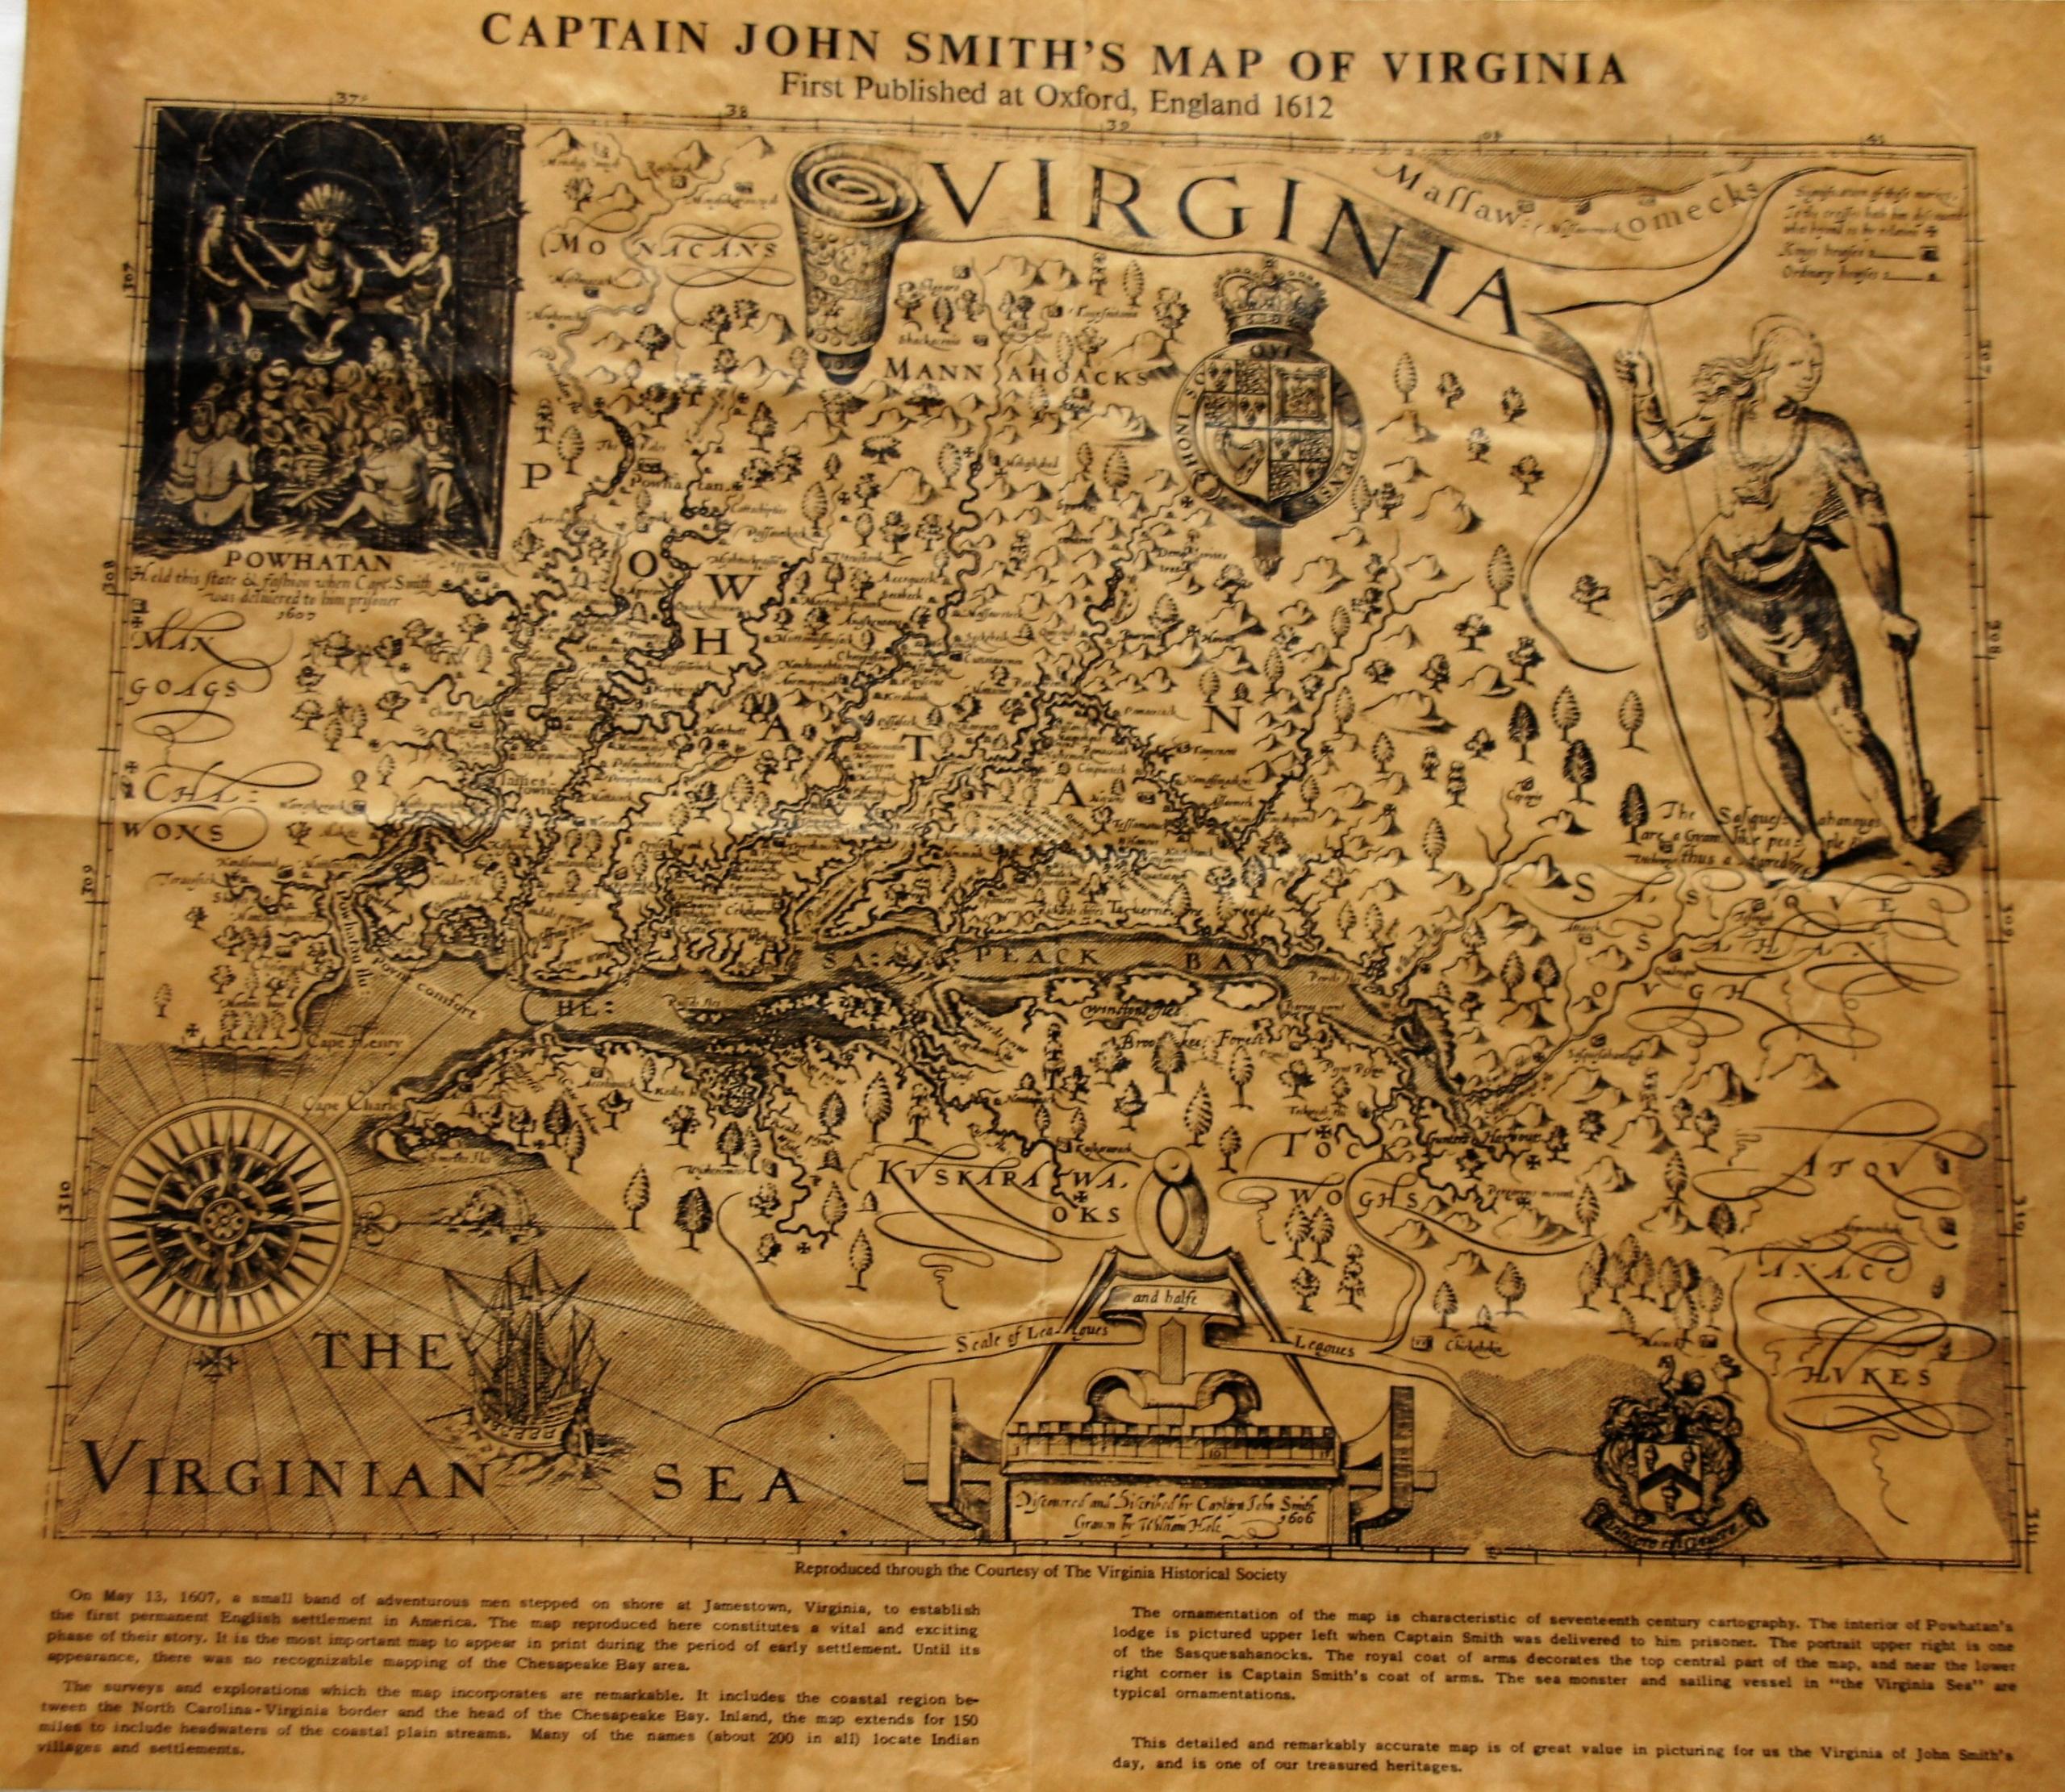 MAPA VIRGINII JOHN SMITH'S ANGLIA 1612